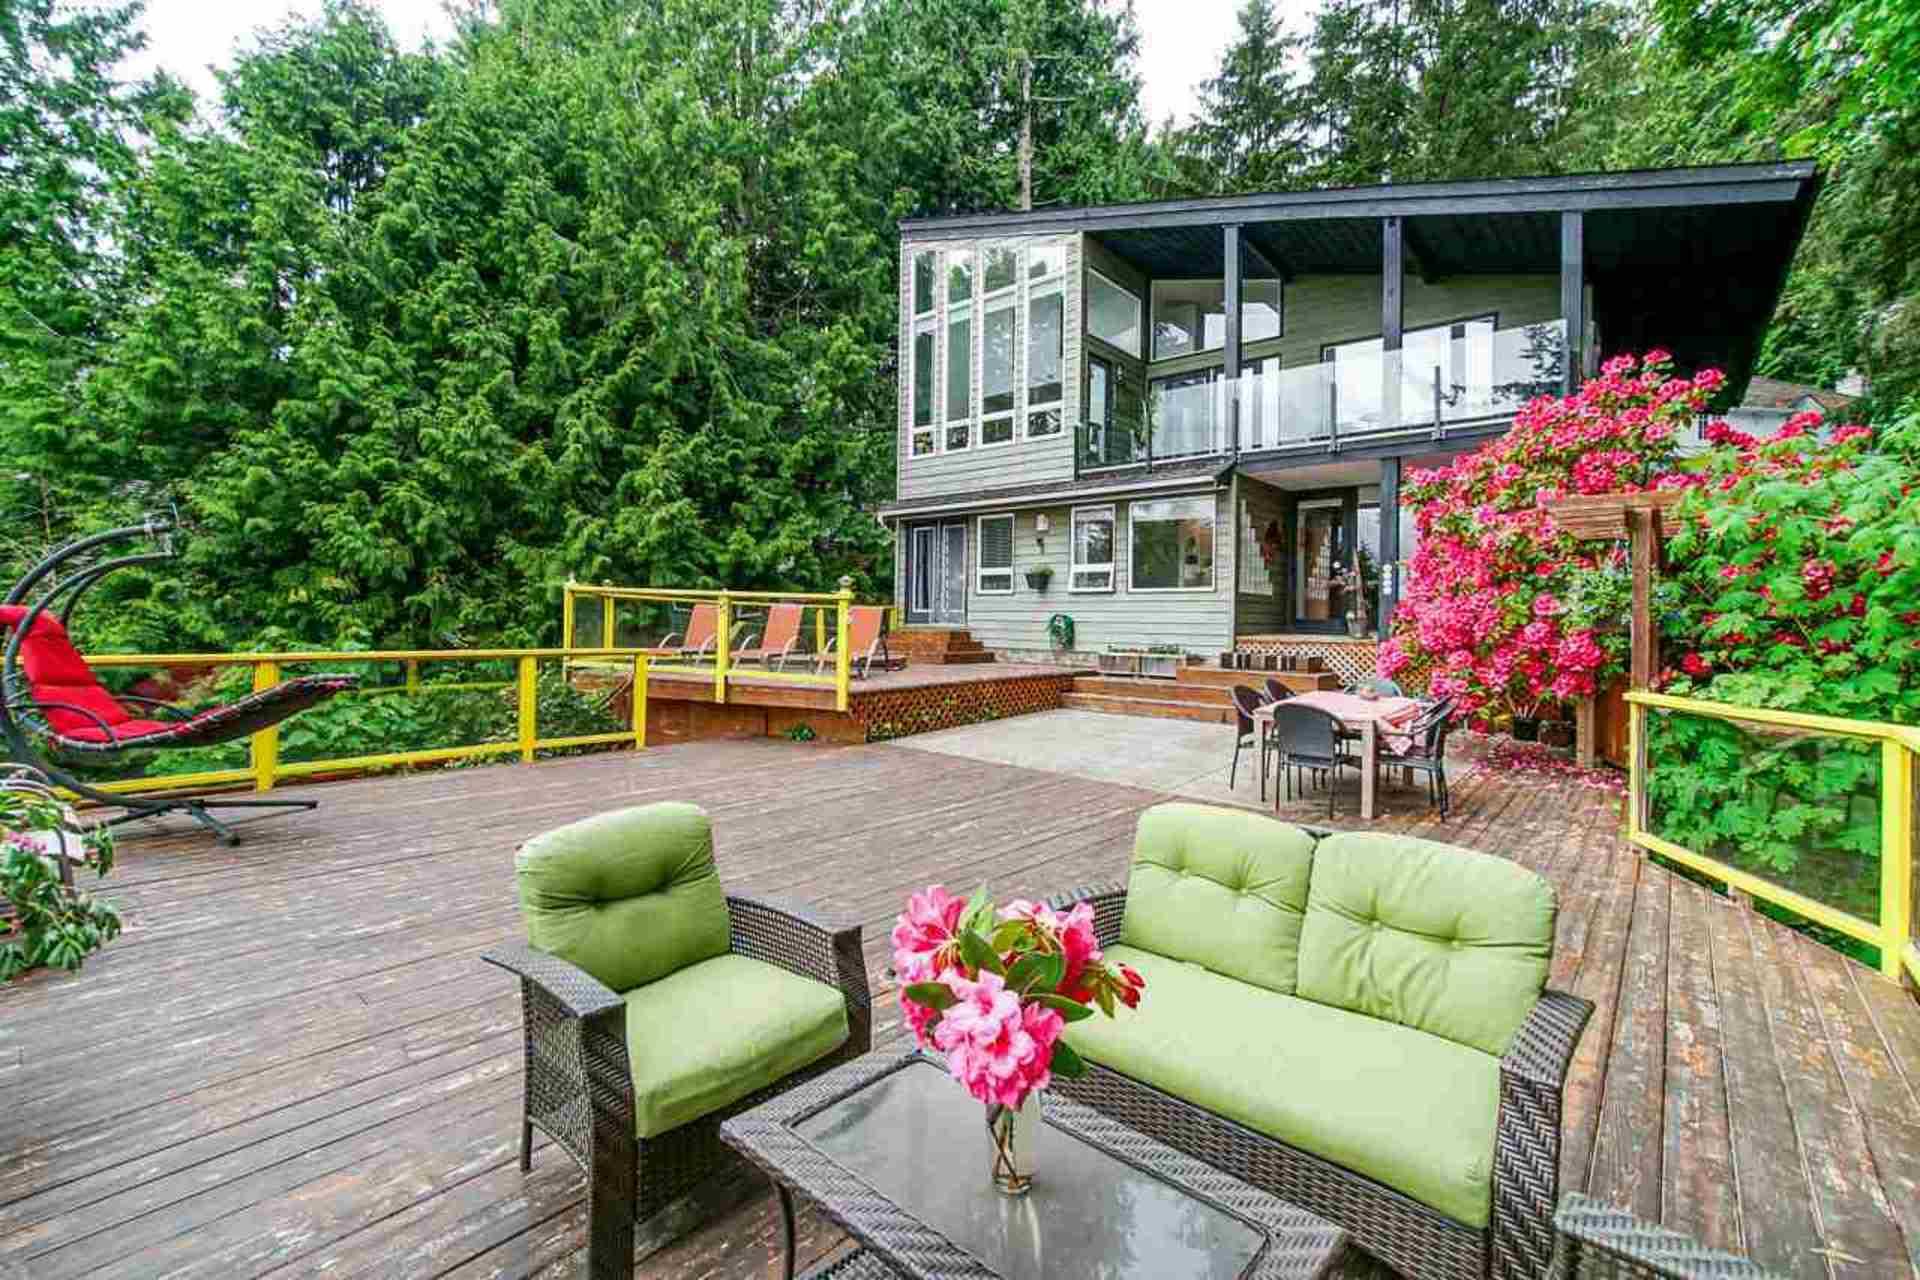 4783-estevan-place-caulfeild-west-vancouver-01 at 4783 Estevan Place, Caulfeild, West Vancouver